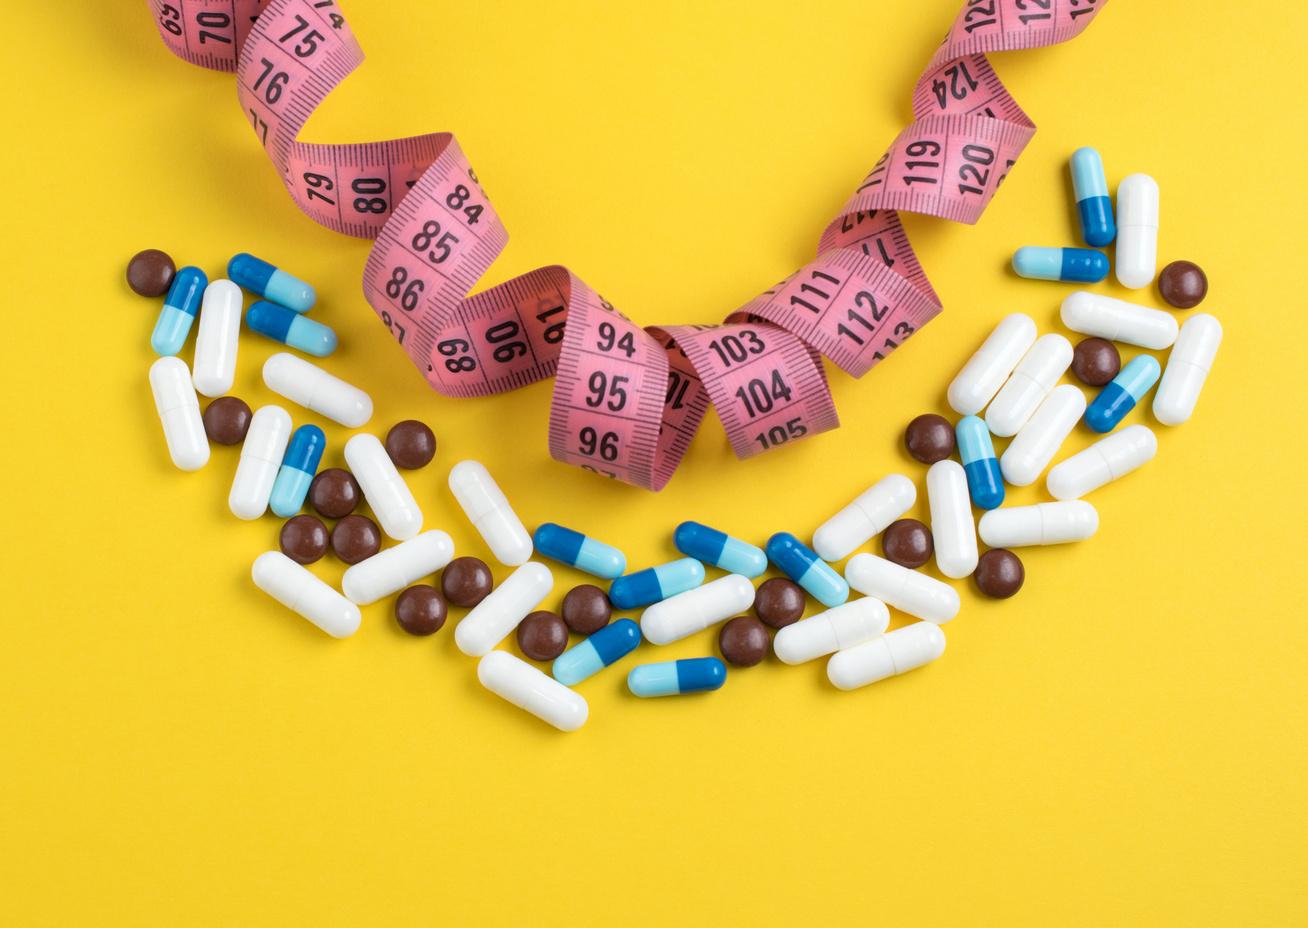 hogyan lehet megszabadulni a magas vérnyomástól tabletták nélkül